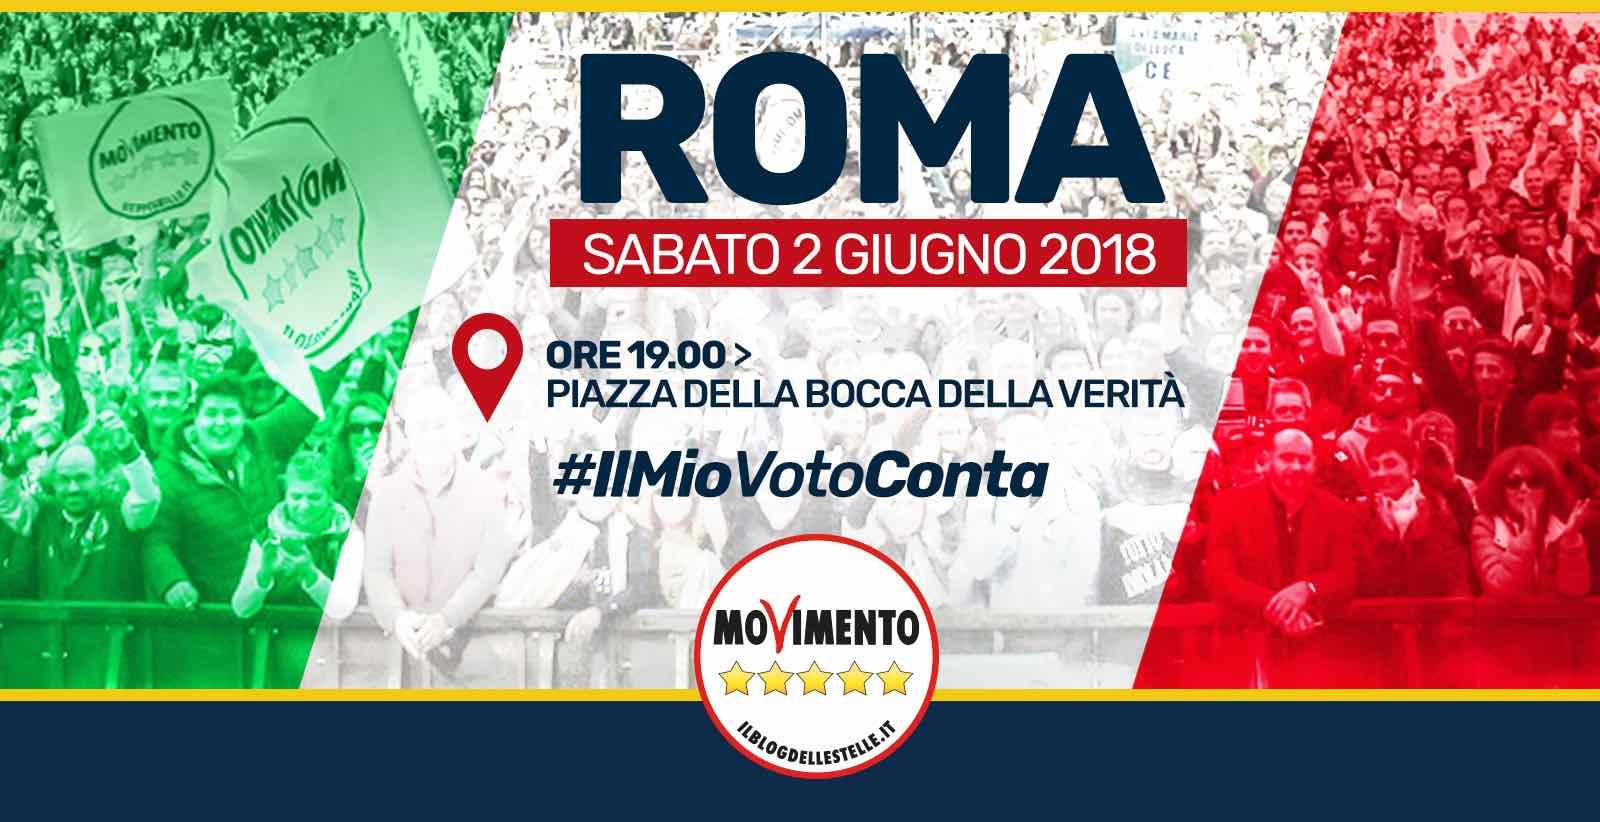 Il 2 giugno pacificamente a Roma in Piazza della Bocca della Verità: #IlMioVotoConta